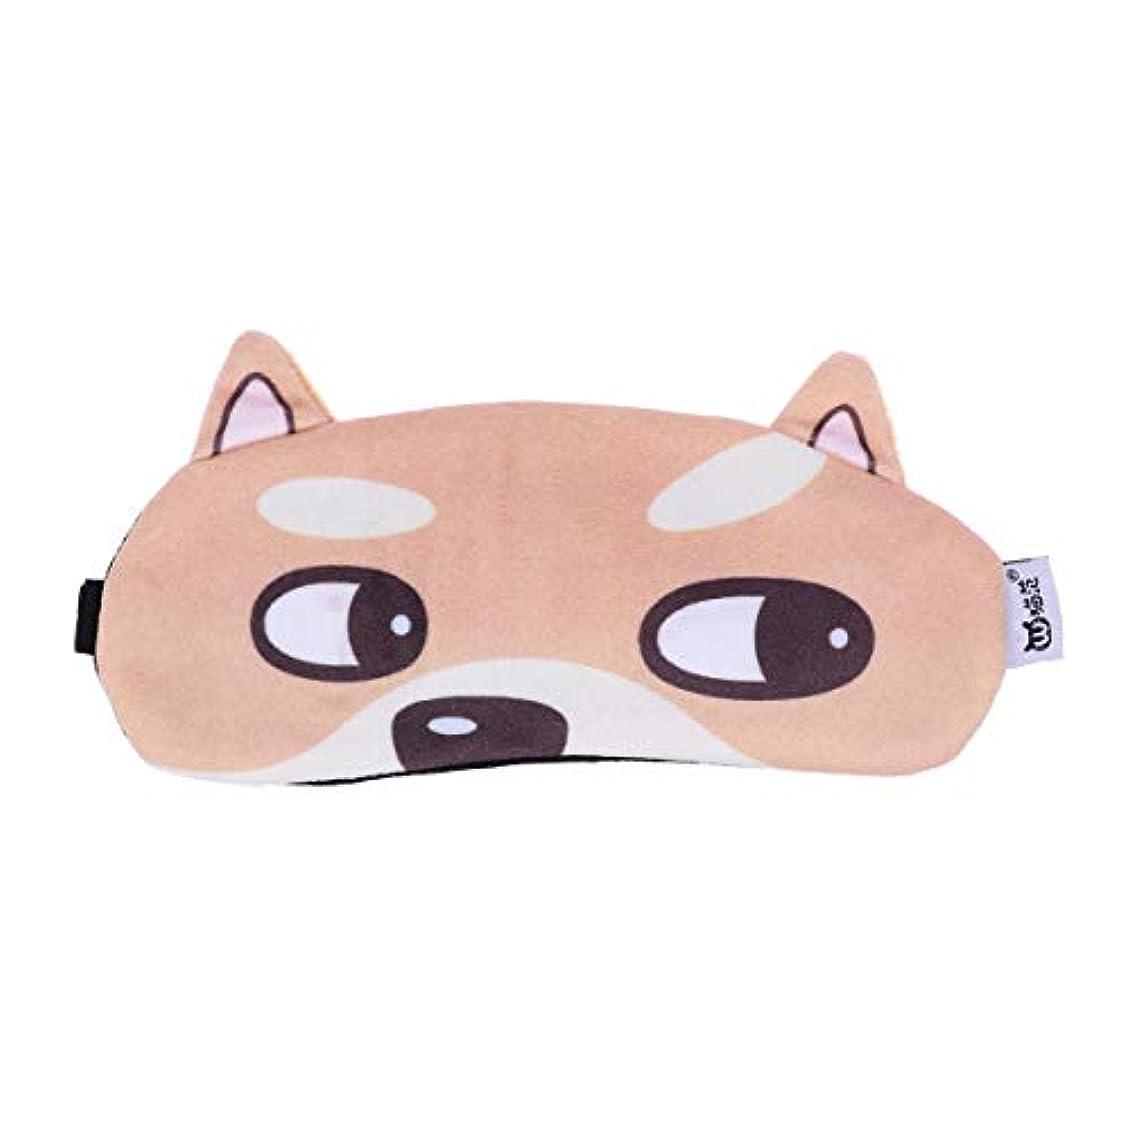 概念モーション試みるHealifty アイマスク ゲル アイスパッド アイスアイマスク 目隠し リラックス 冷却 パック 再使用可能 目の疲れ軽減 安眠 血行促進(犬)